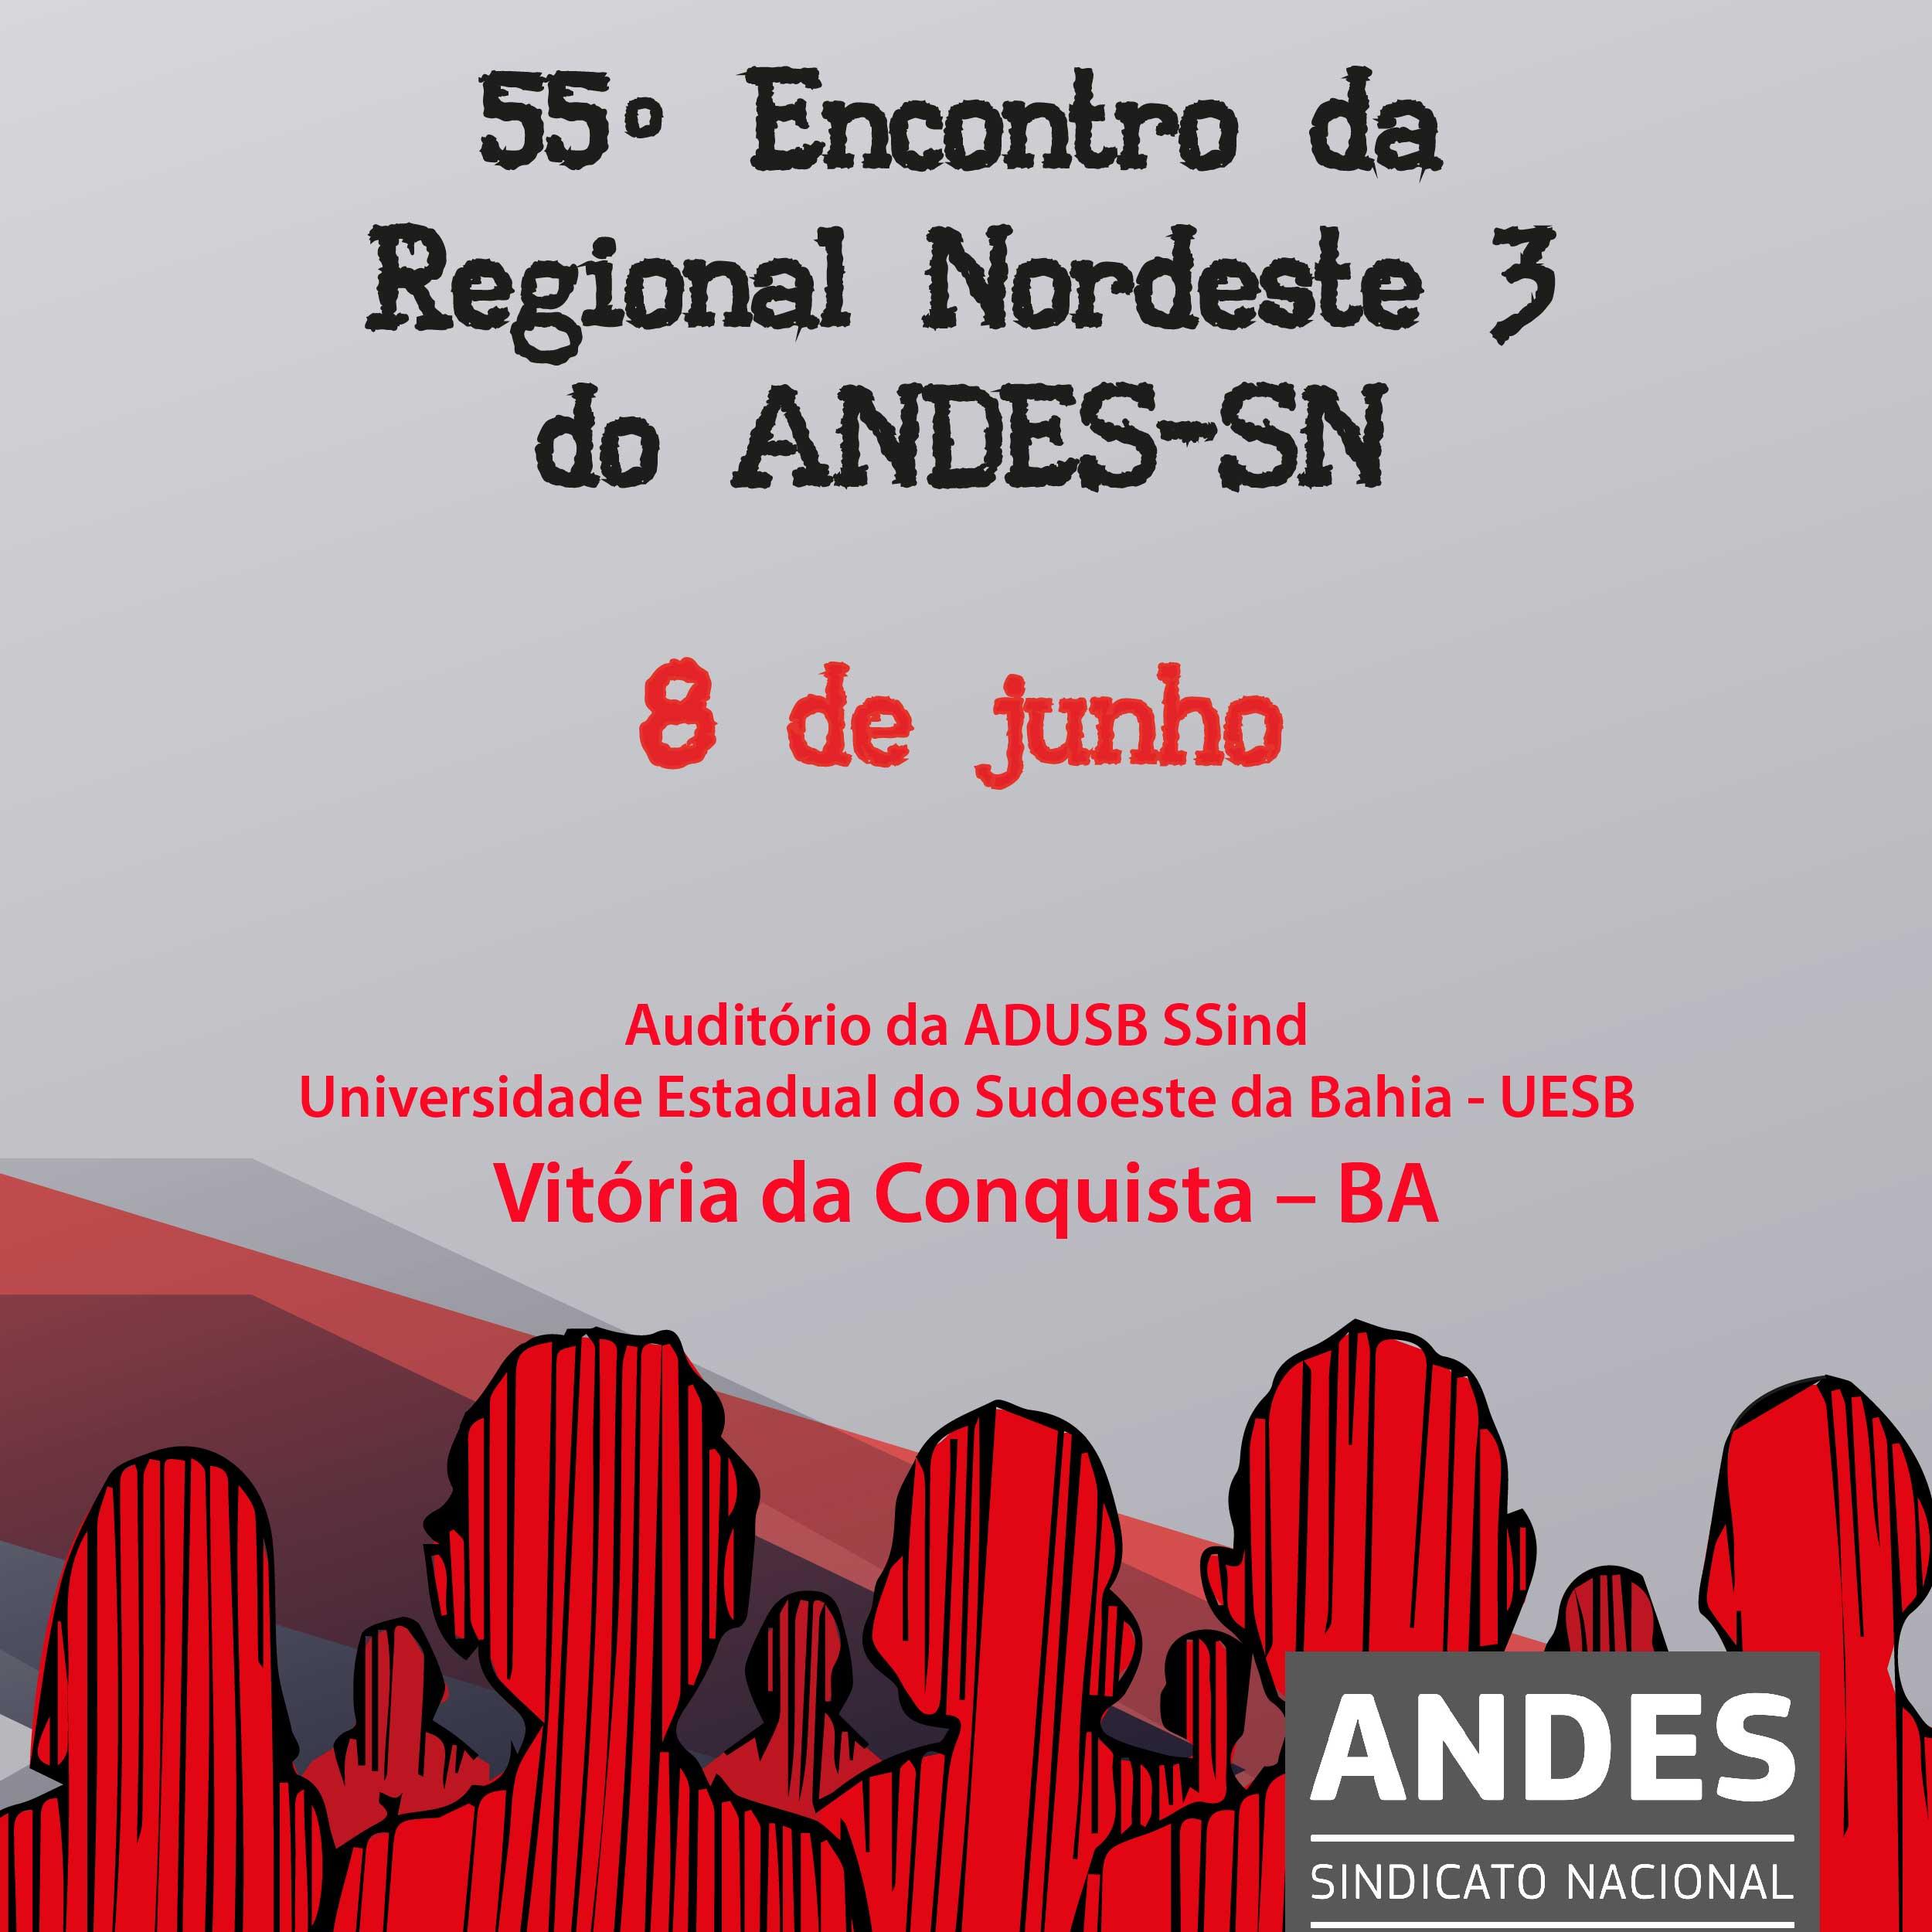 Regional Nordeste 3 do ANDES-SN realiza encontro em Vitória da Conquista (BA)